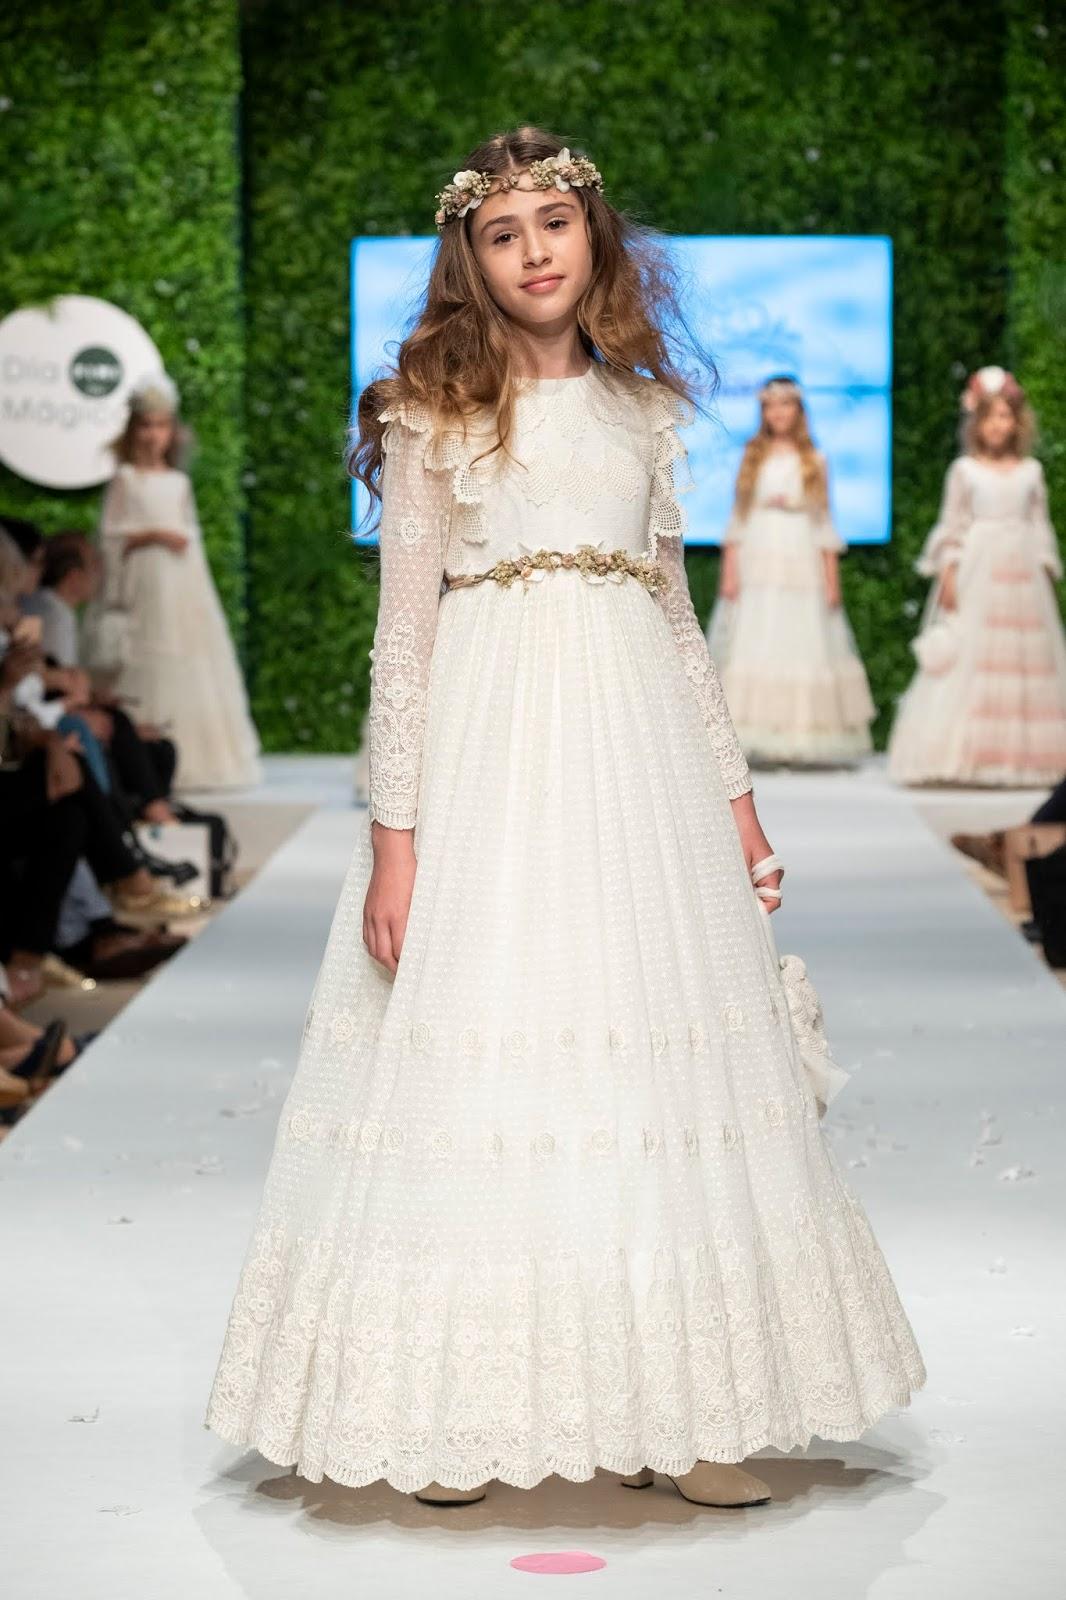 difícil tormenta cavar  Pequeña Fashionista: Especial Primera Comunión: En busca del vestido  perfecto